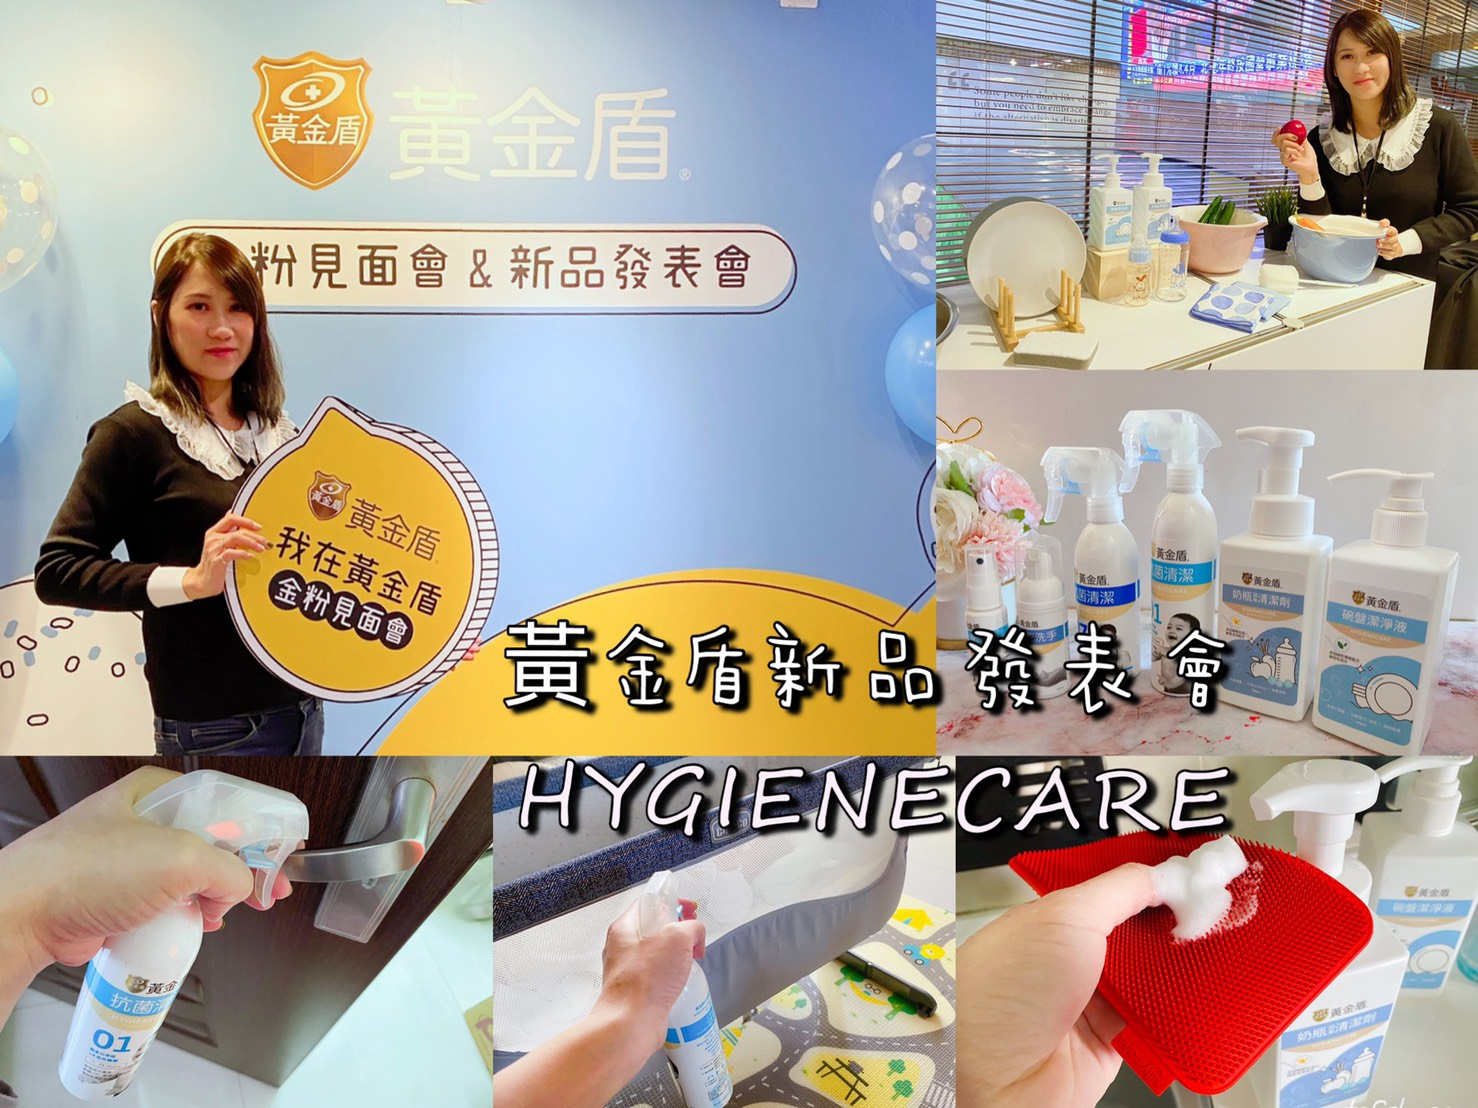 【清潔防護首選】黃金盾  奶瓶蔬果清潔劑&碗盤潔淨液 新品發表會 抗菌從清潔開始